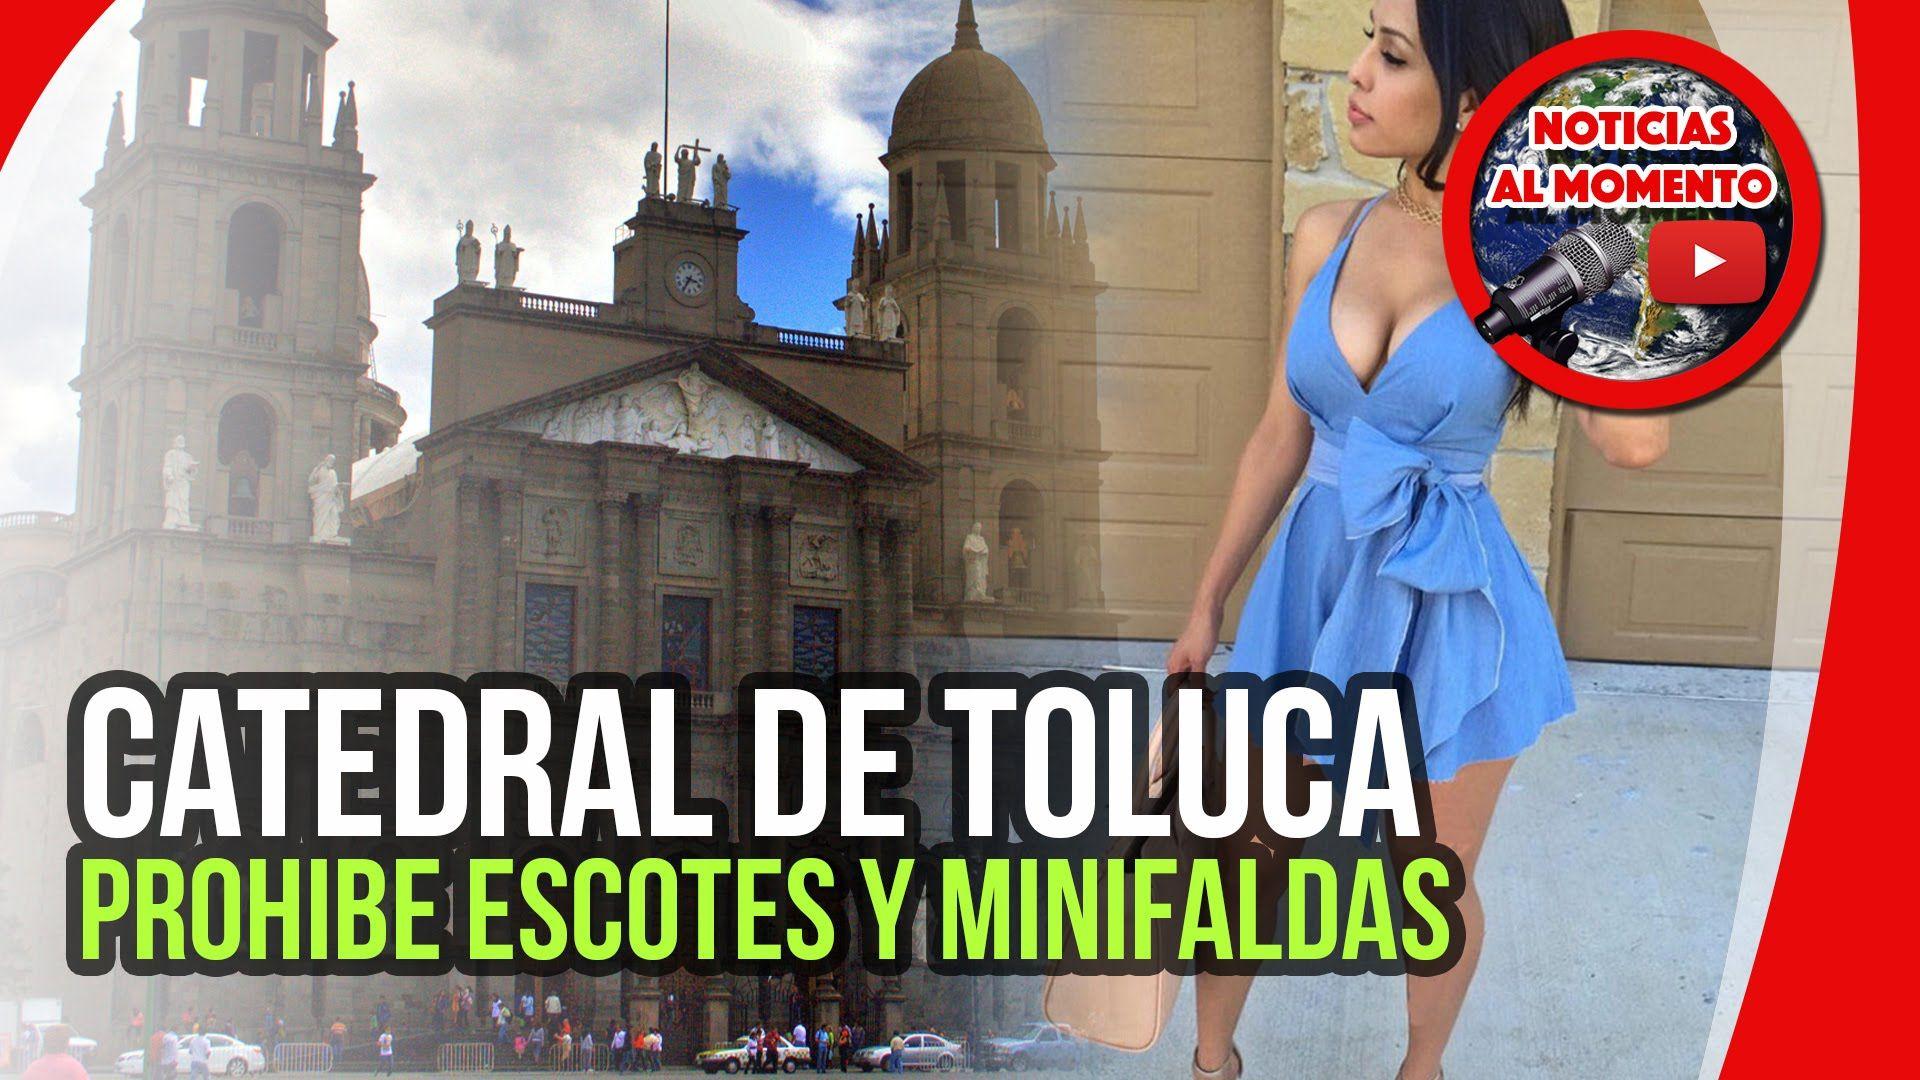 Prohíben minifaldas y escotes en Catedral de Toluca   Noticias al Momento